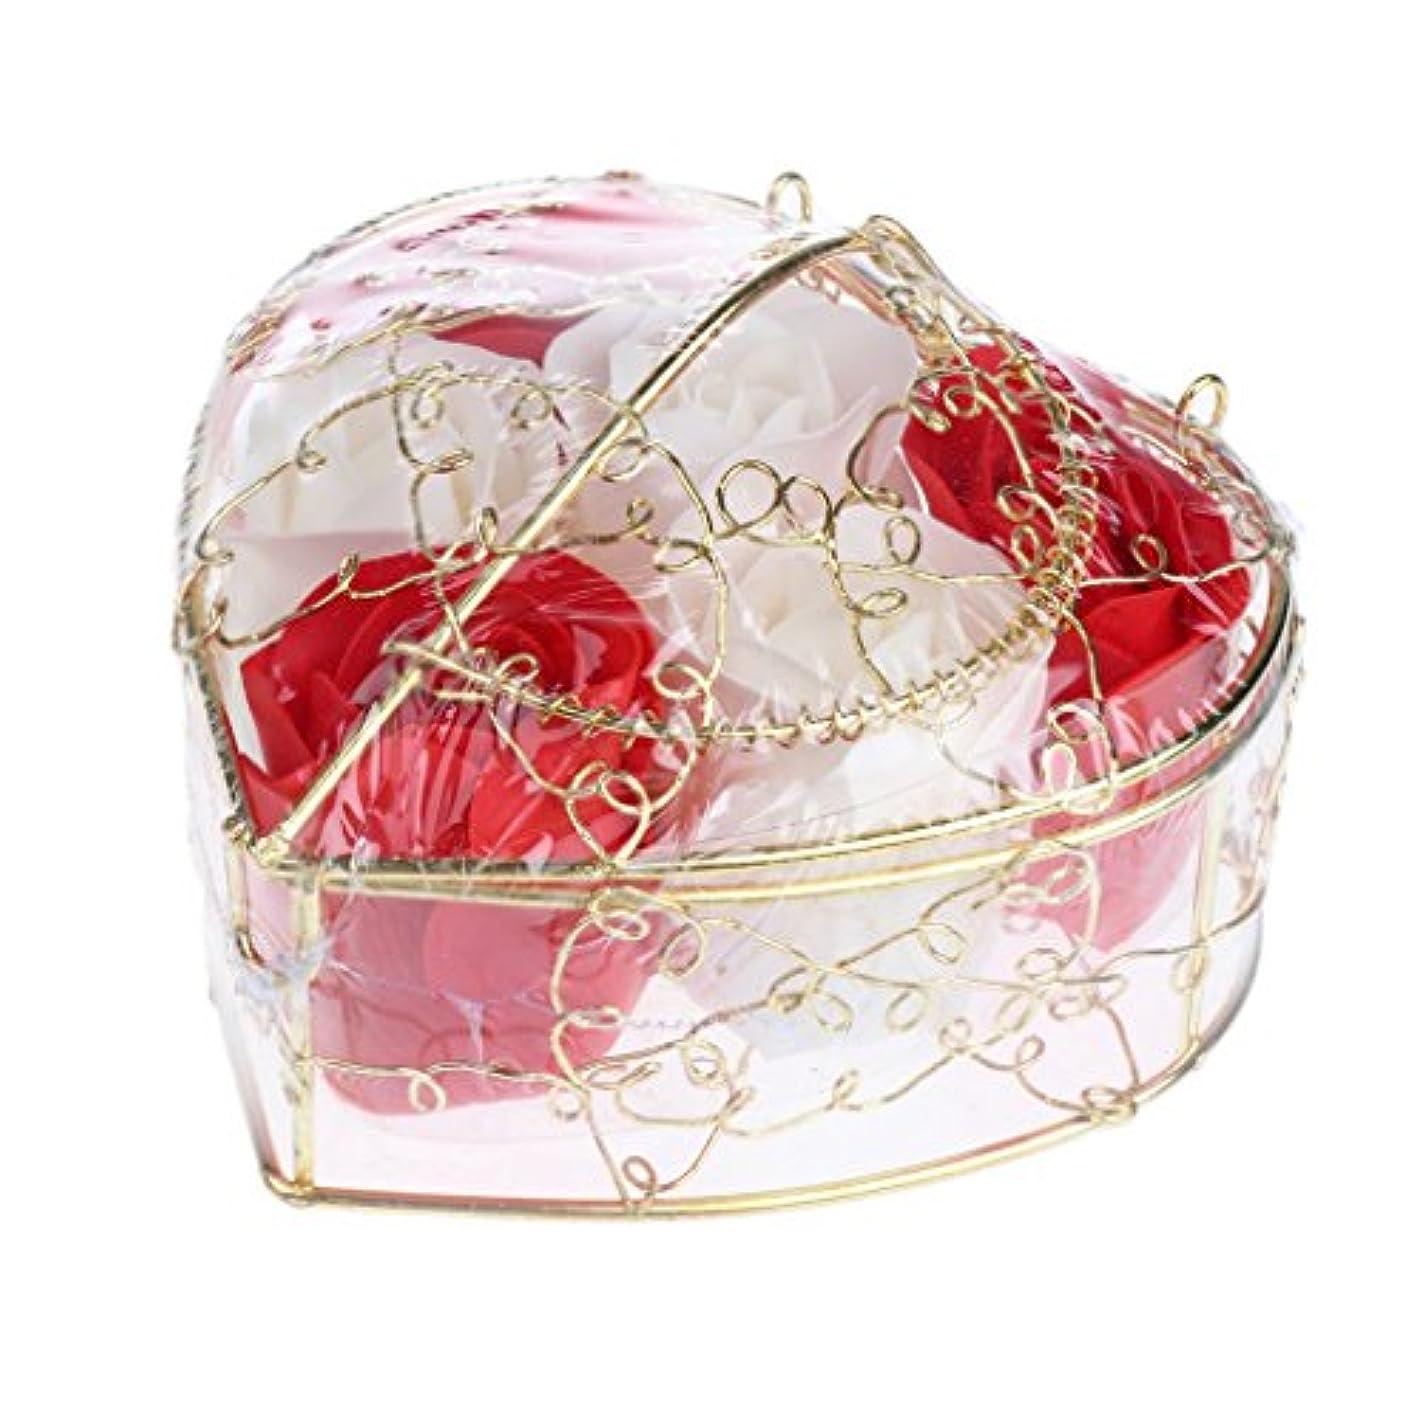 ハードウェア対話分泌する6個 石鹸の花 石鹸花 造花 フラワー バラ ソープフラワー シャボンフラワー フラワーボックス プレゼント 全5タイプ選べる - 赤と白